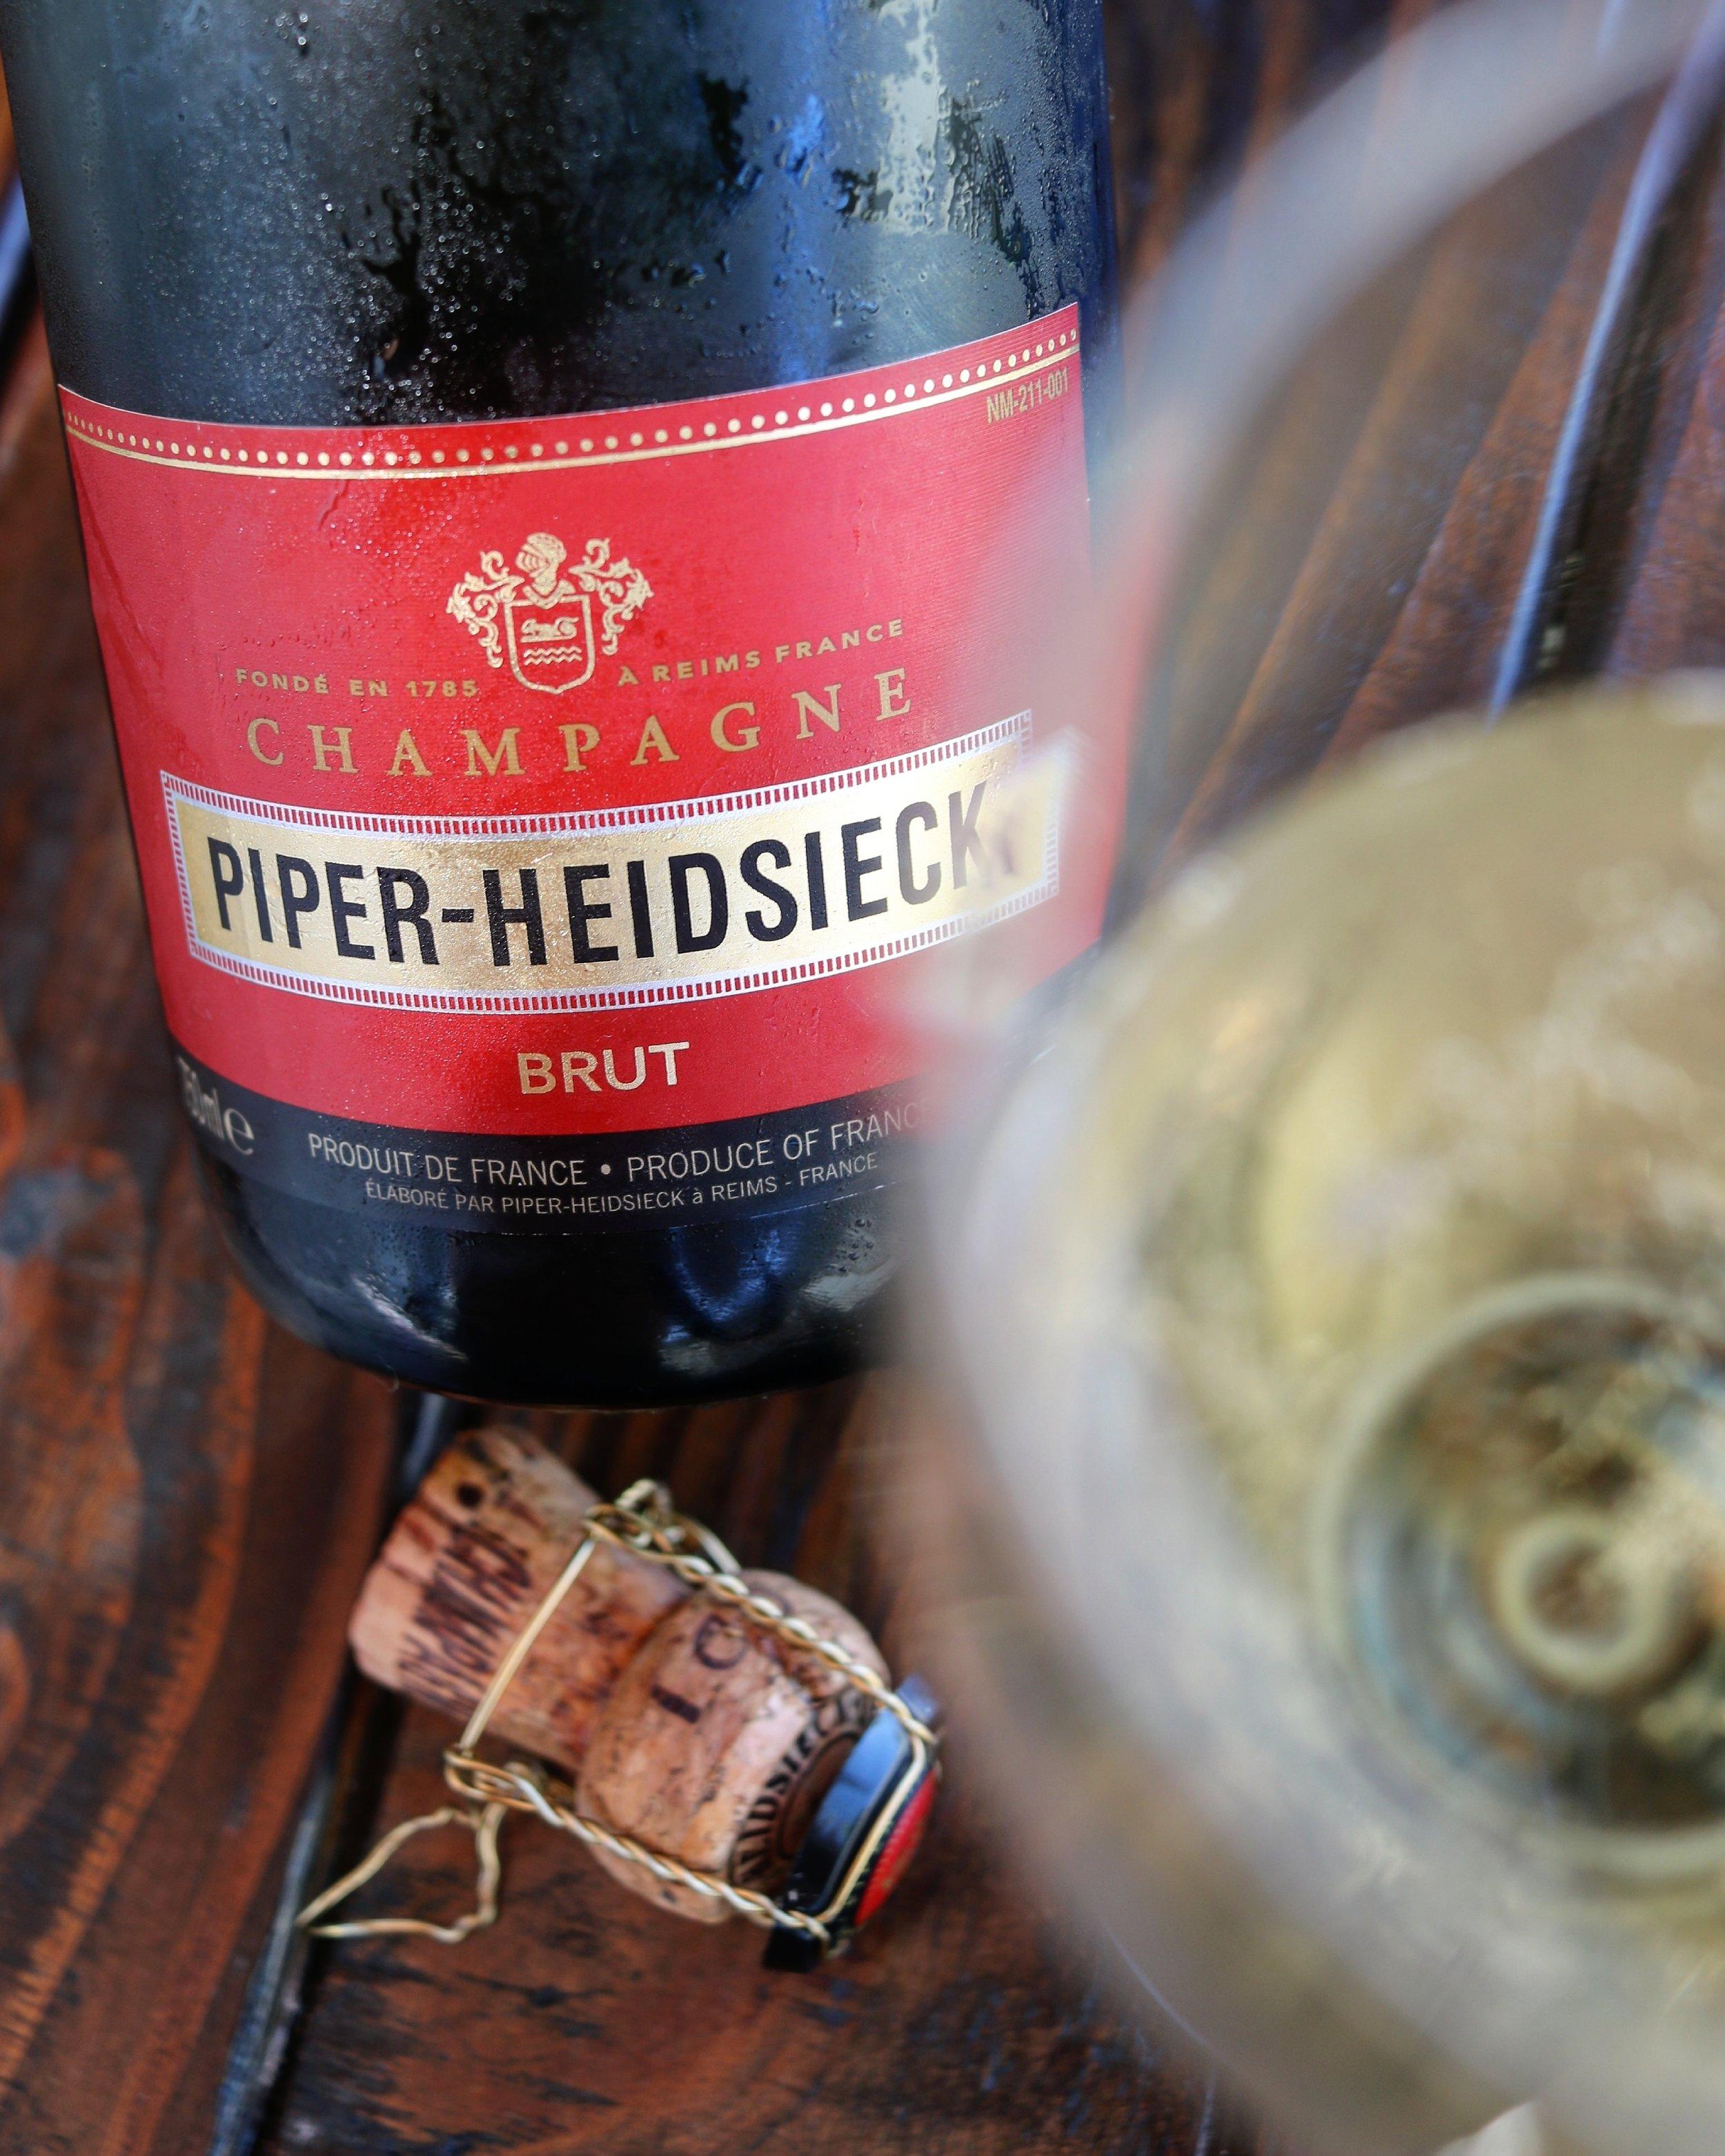 Piper-Heidsieck Brut.jpg